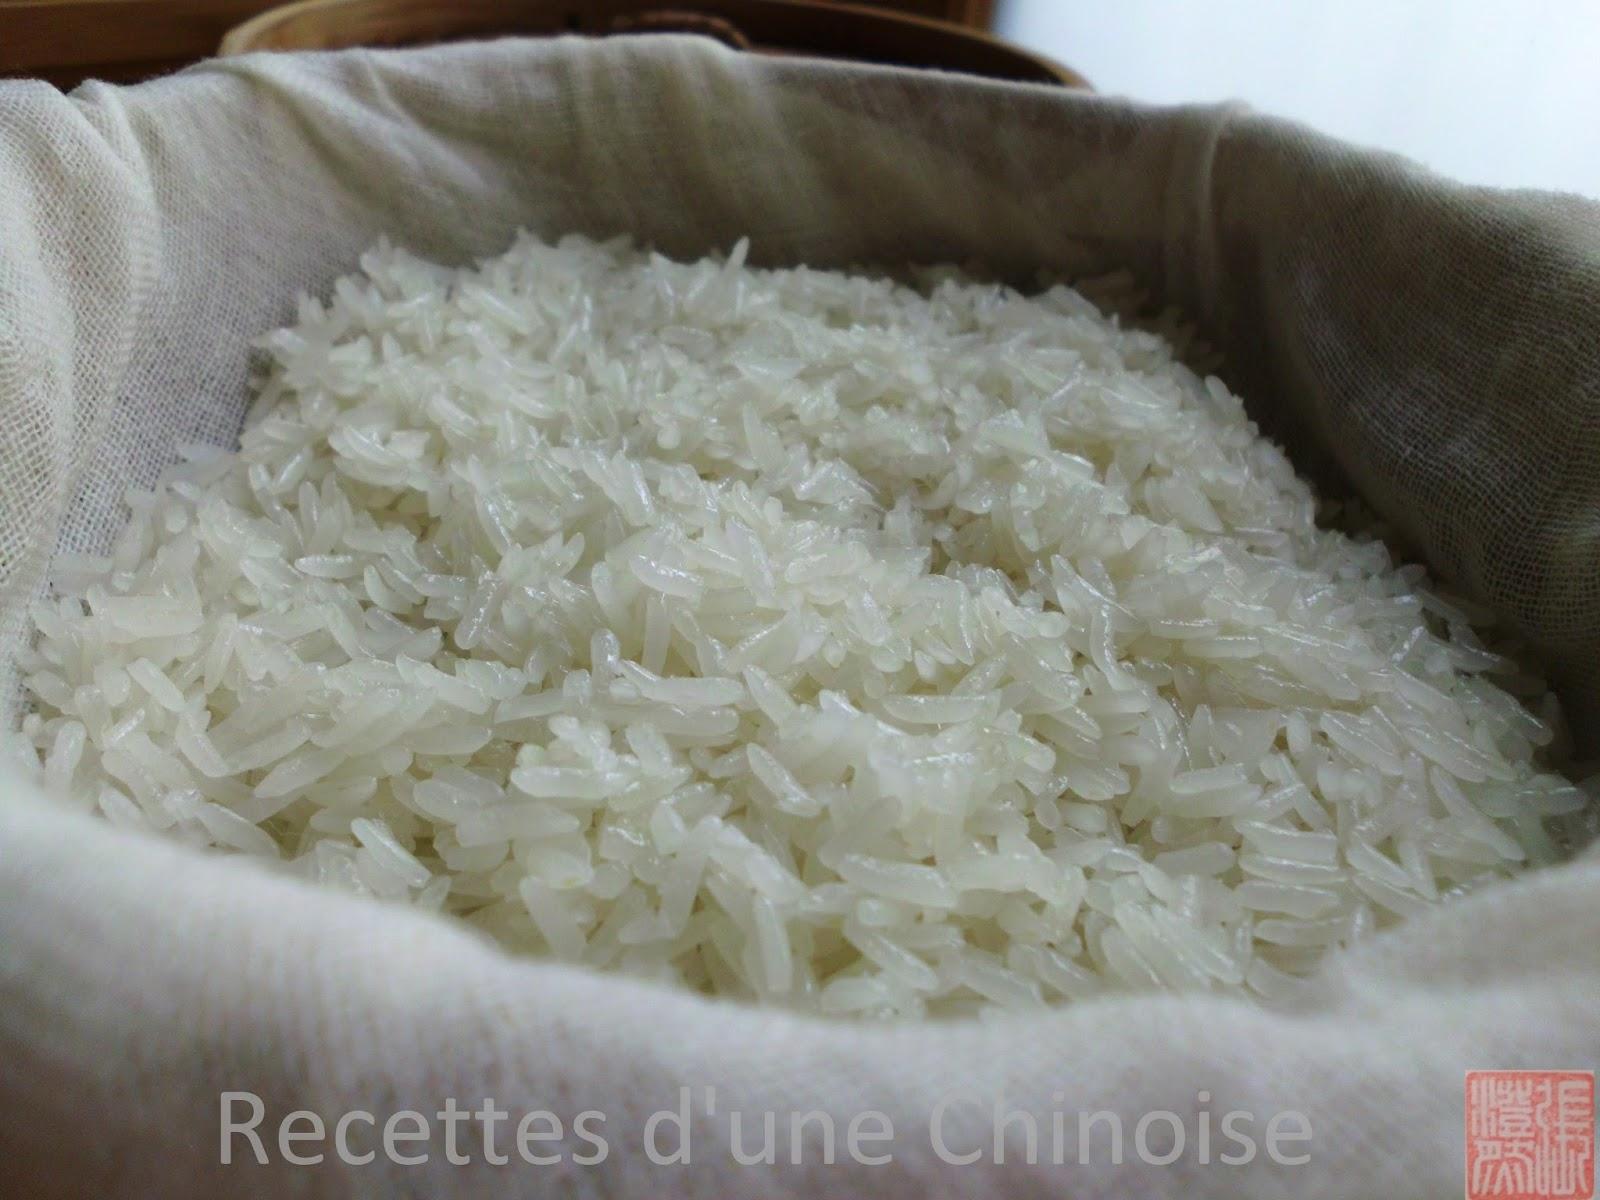 Recettes d 39 une chinoise comment faire cuire du sticky rice riz gluant - Absorber l humidite avec du riz ...